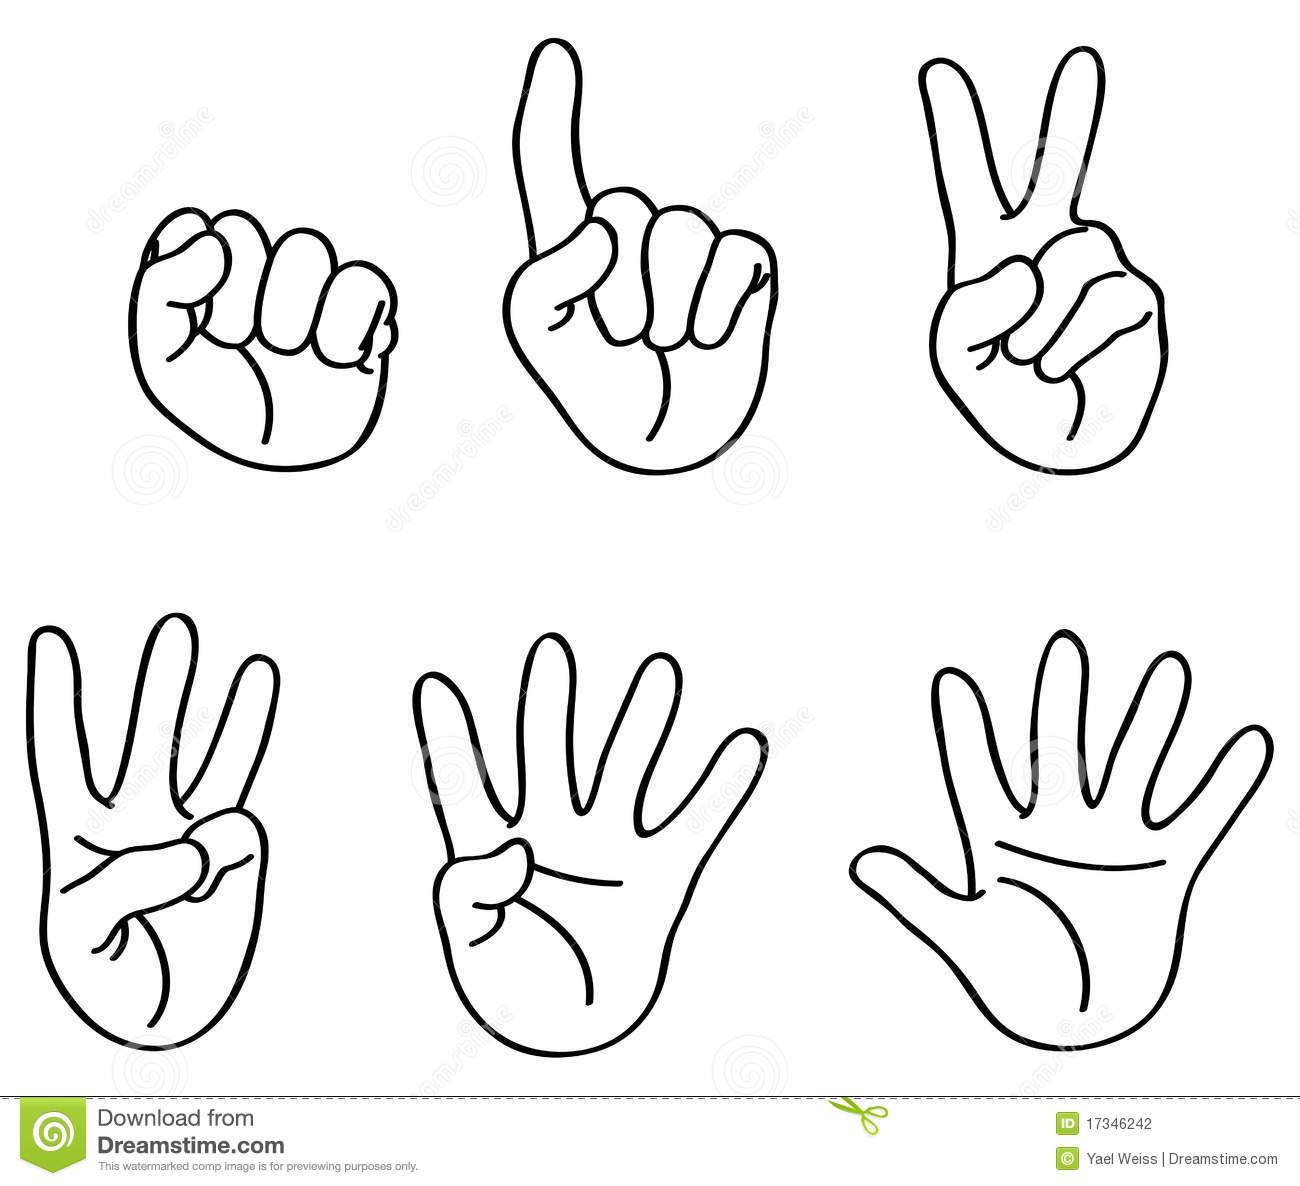 Outstanding hand gesture vector pics